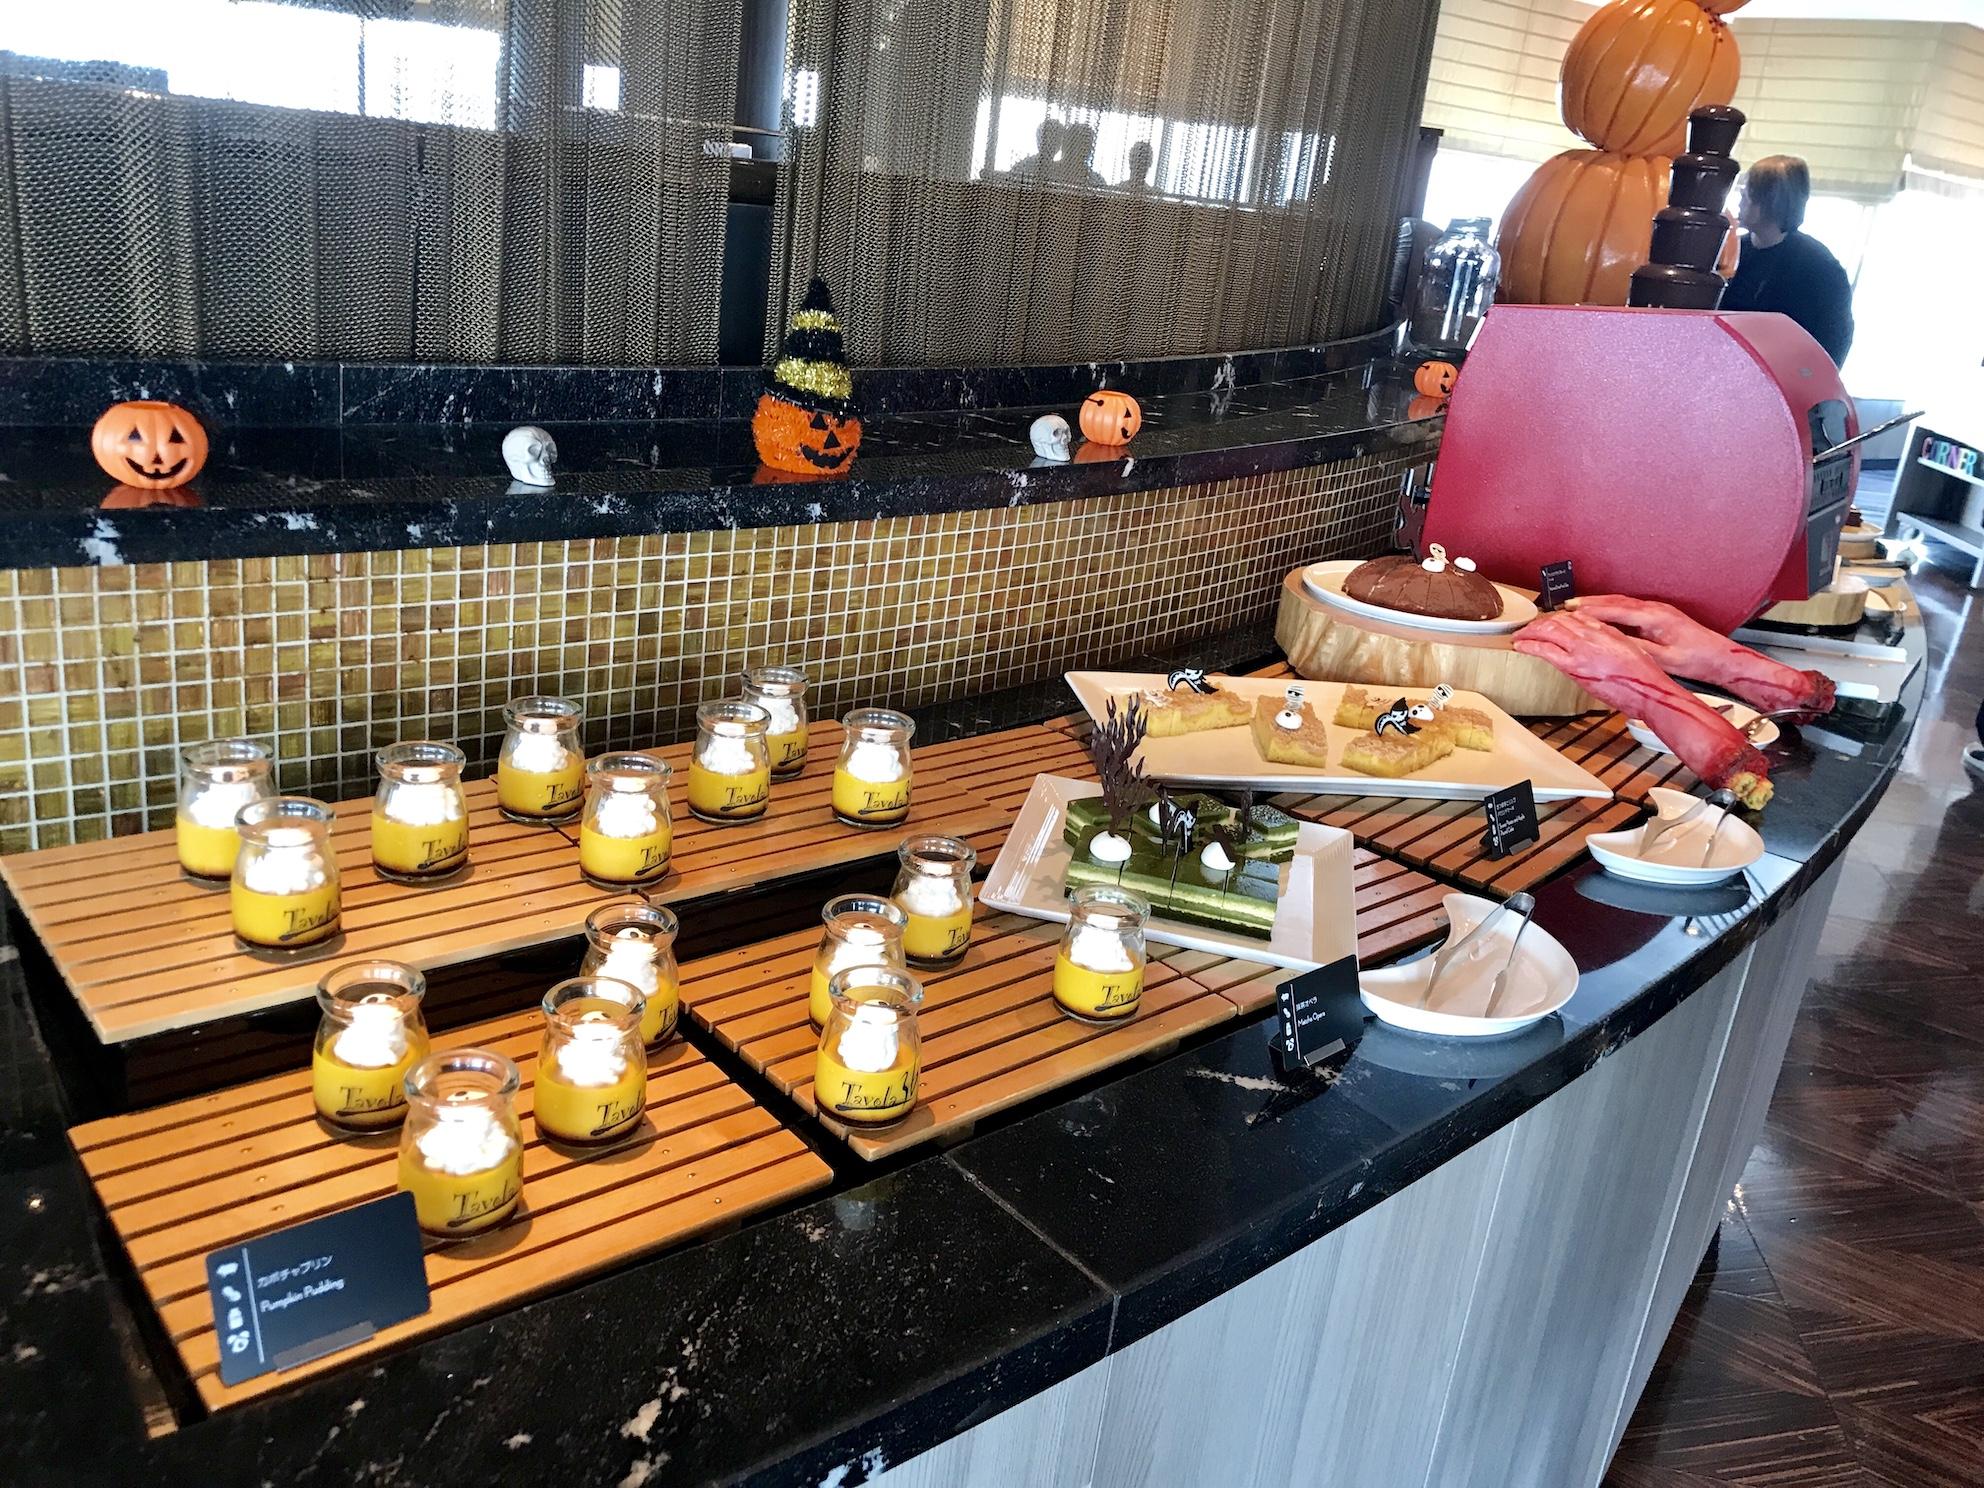 【ハロウィンスイーツブッフェへ出掛けよう!】10/5〜スタート!スイスホテル南海大阪 Swiss Chocoholic Halloween Buffet レセプションに行ってきました。【大阪 難波 なんば】_5